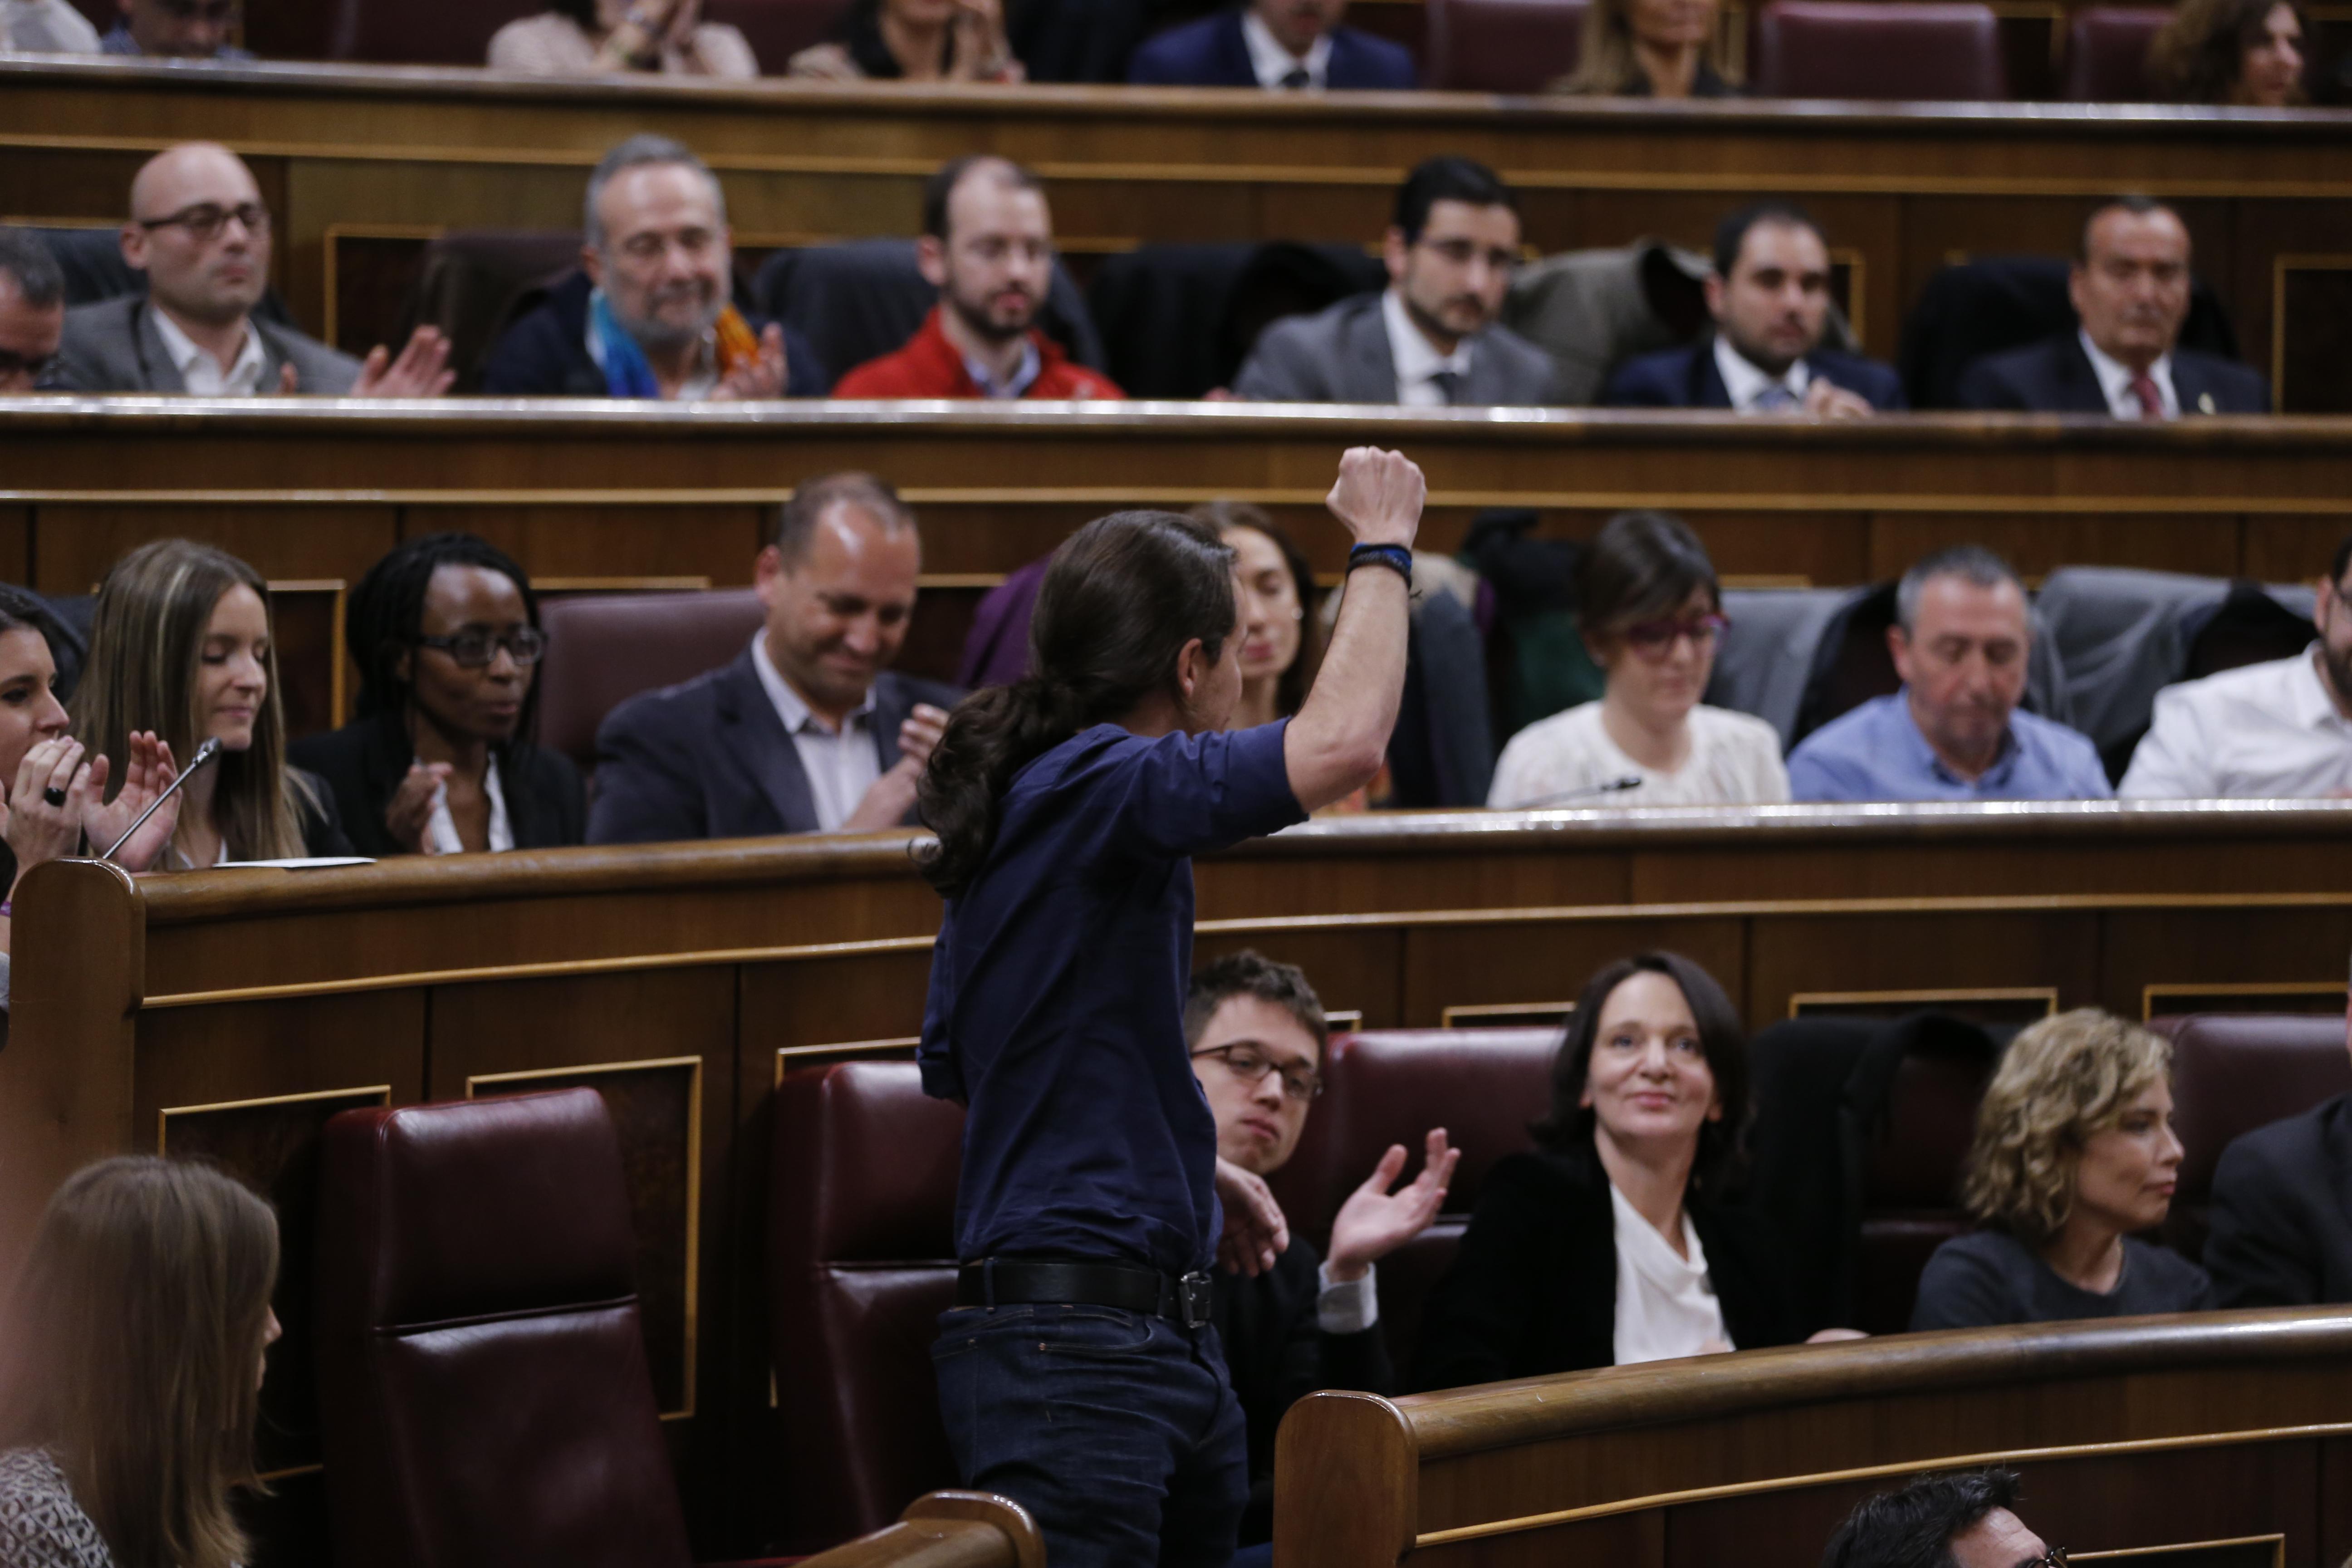 Madrid 13-01-2016 ////// pleno de constitucion de la XI legislatura en el congreso de los diputados con la eleccion de la mesa y presidente del congreso  .. --///. FOTO..Jaime Garcia... ARCHDC////...en la imagen  pablo iglesias